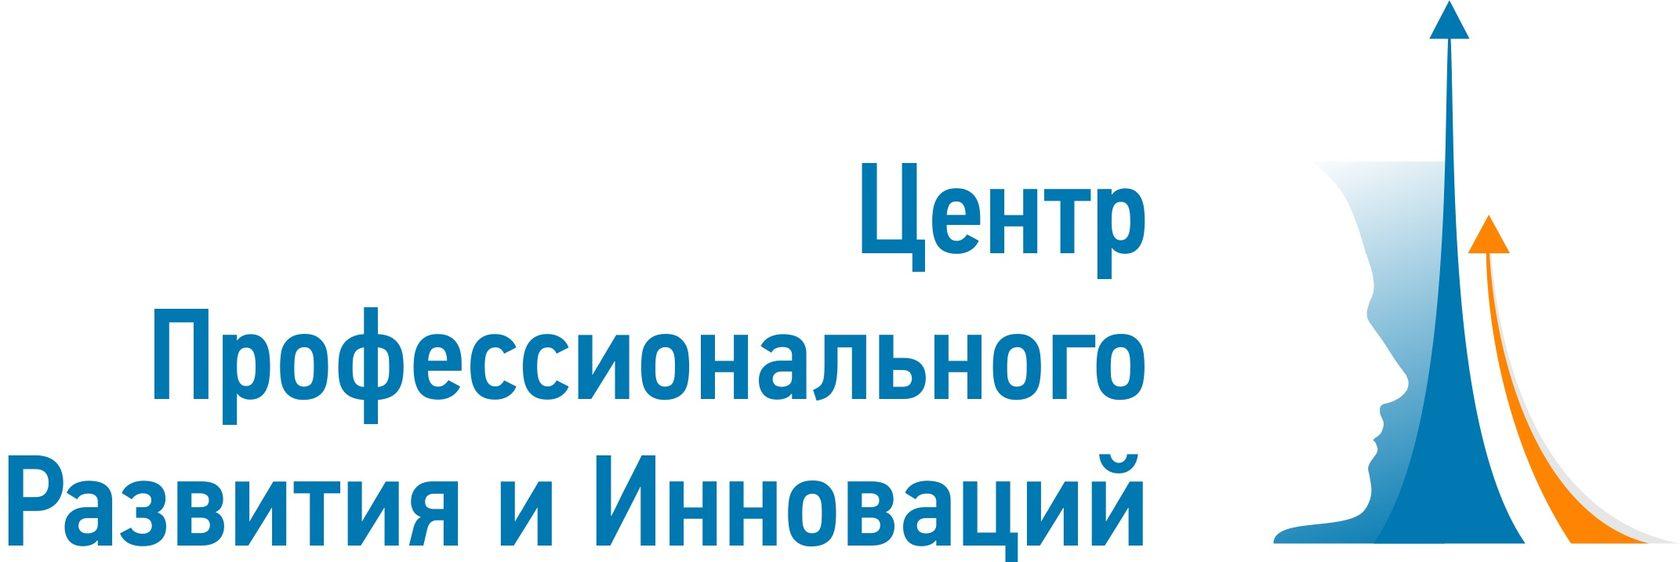 Центр Профессионального Развития и Инноваций